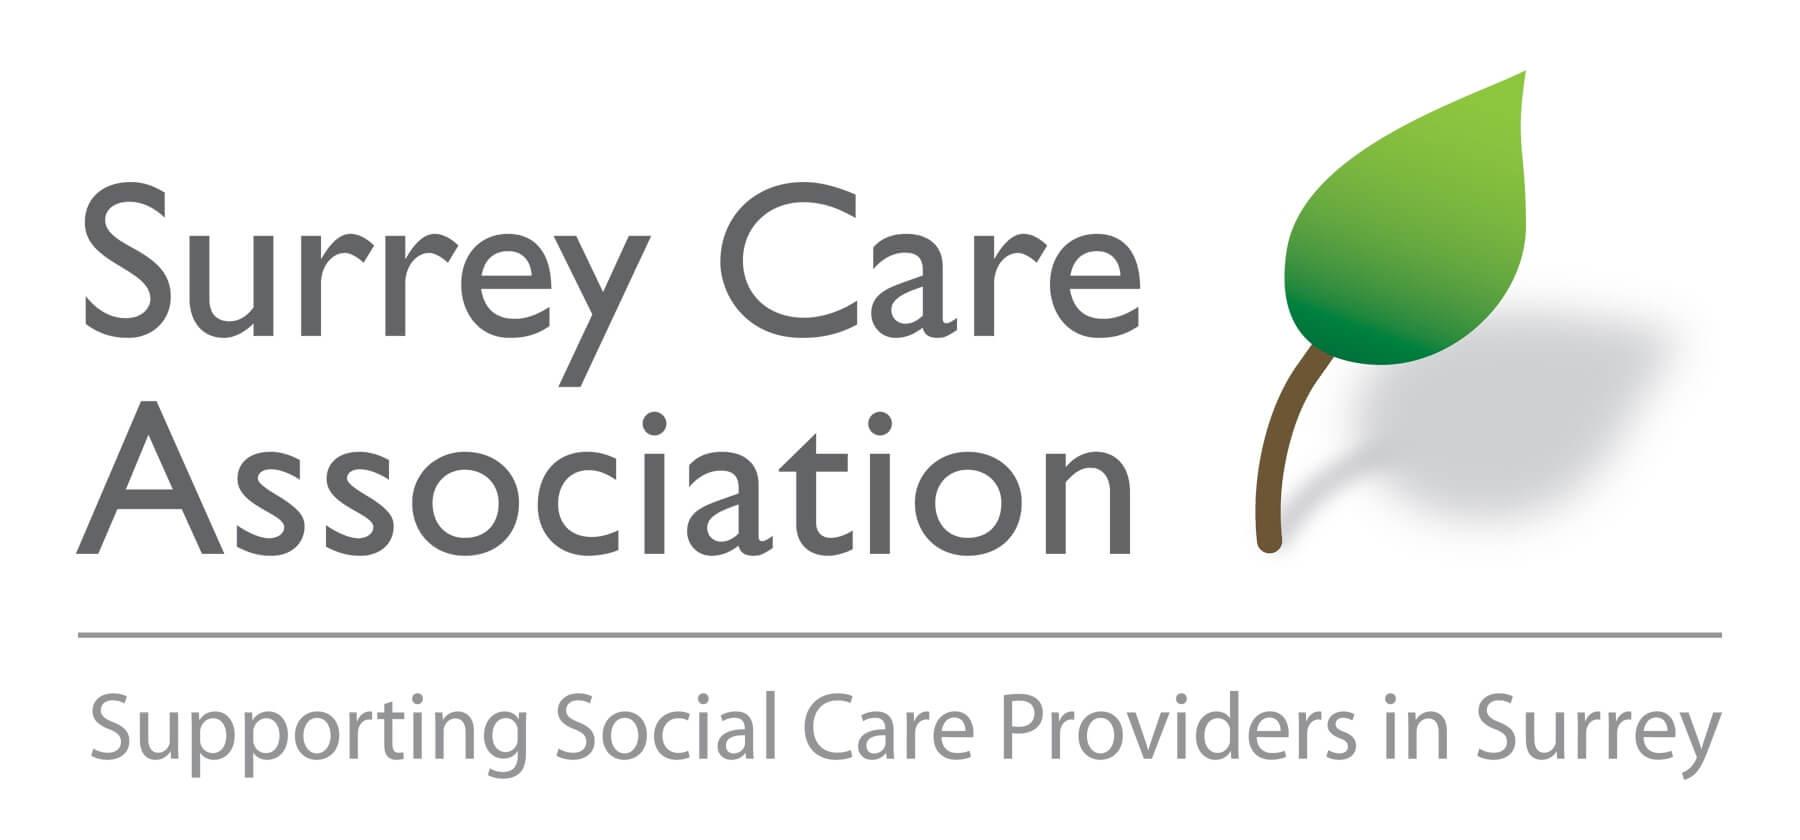 Surrey Care Association logo